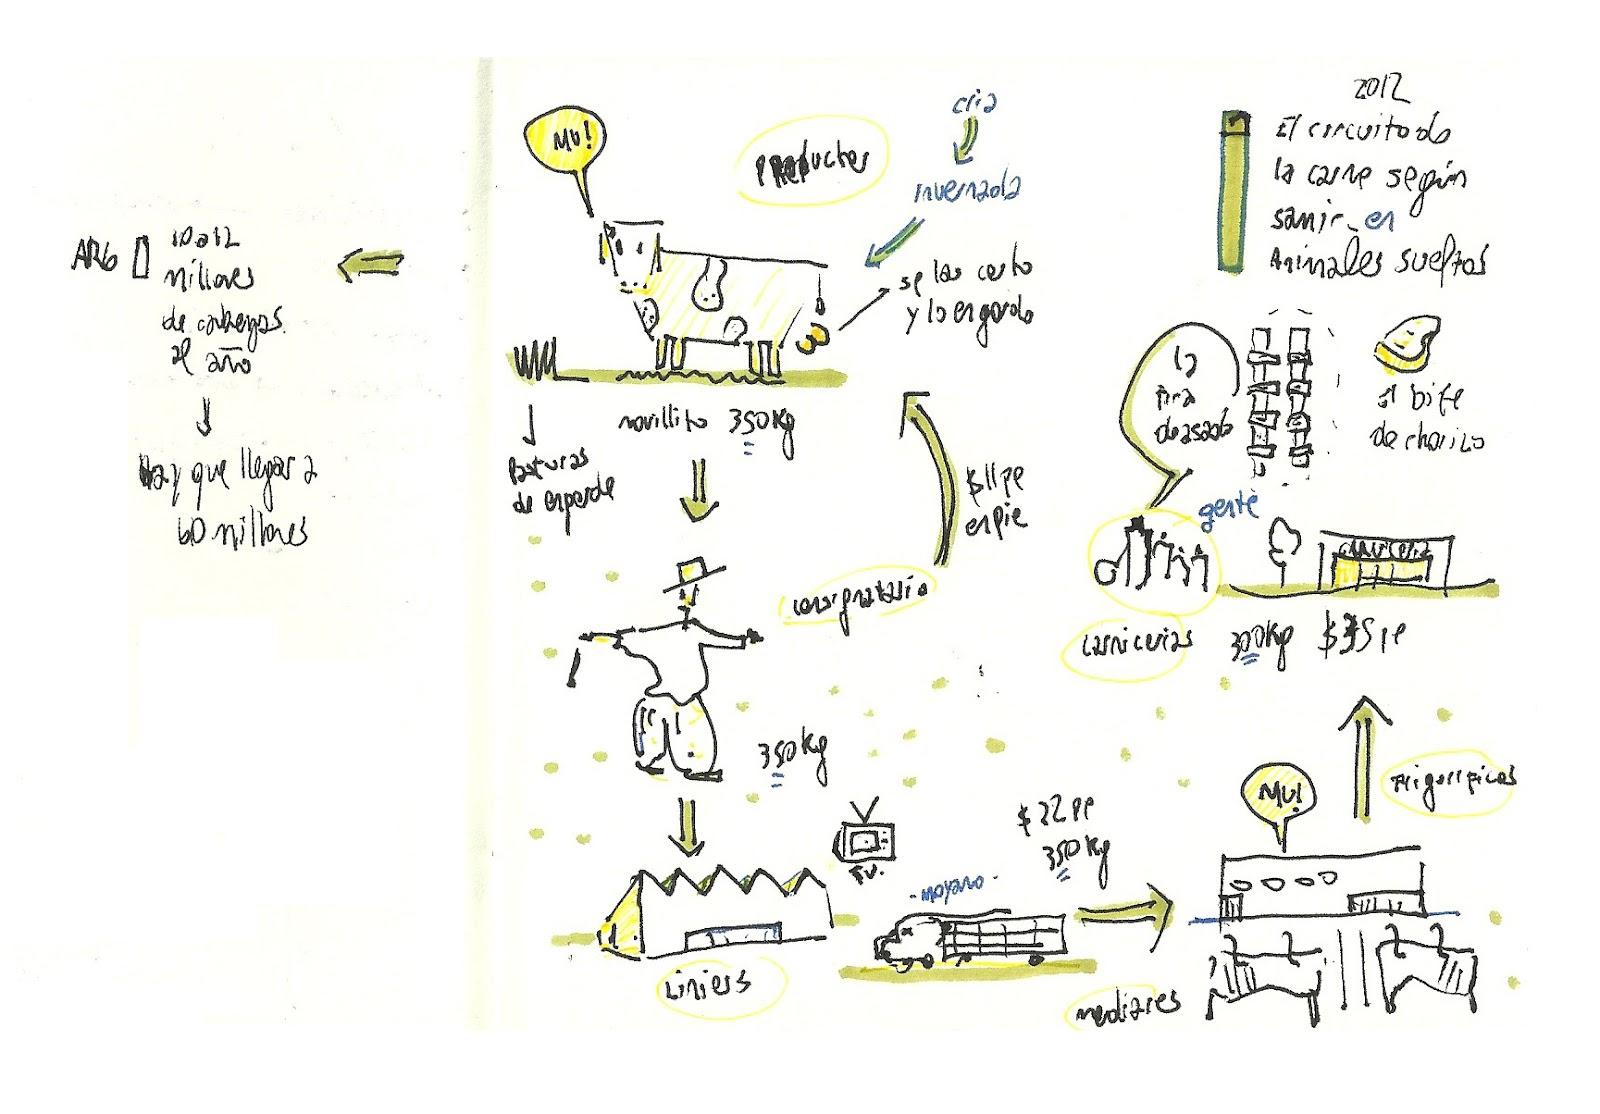 Circuito Productivo : Circuito productivo de la leche text images music video